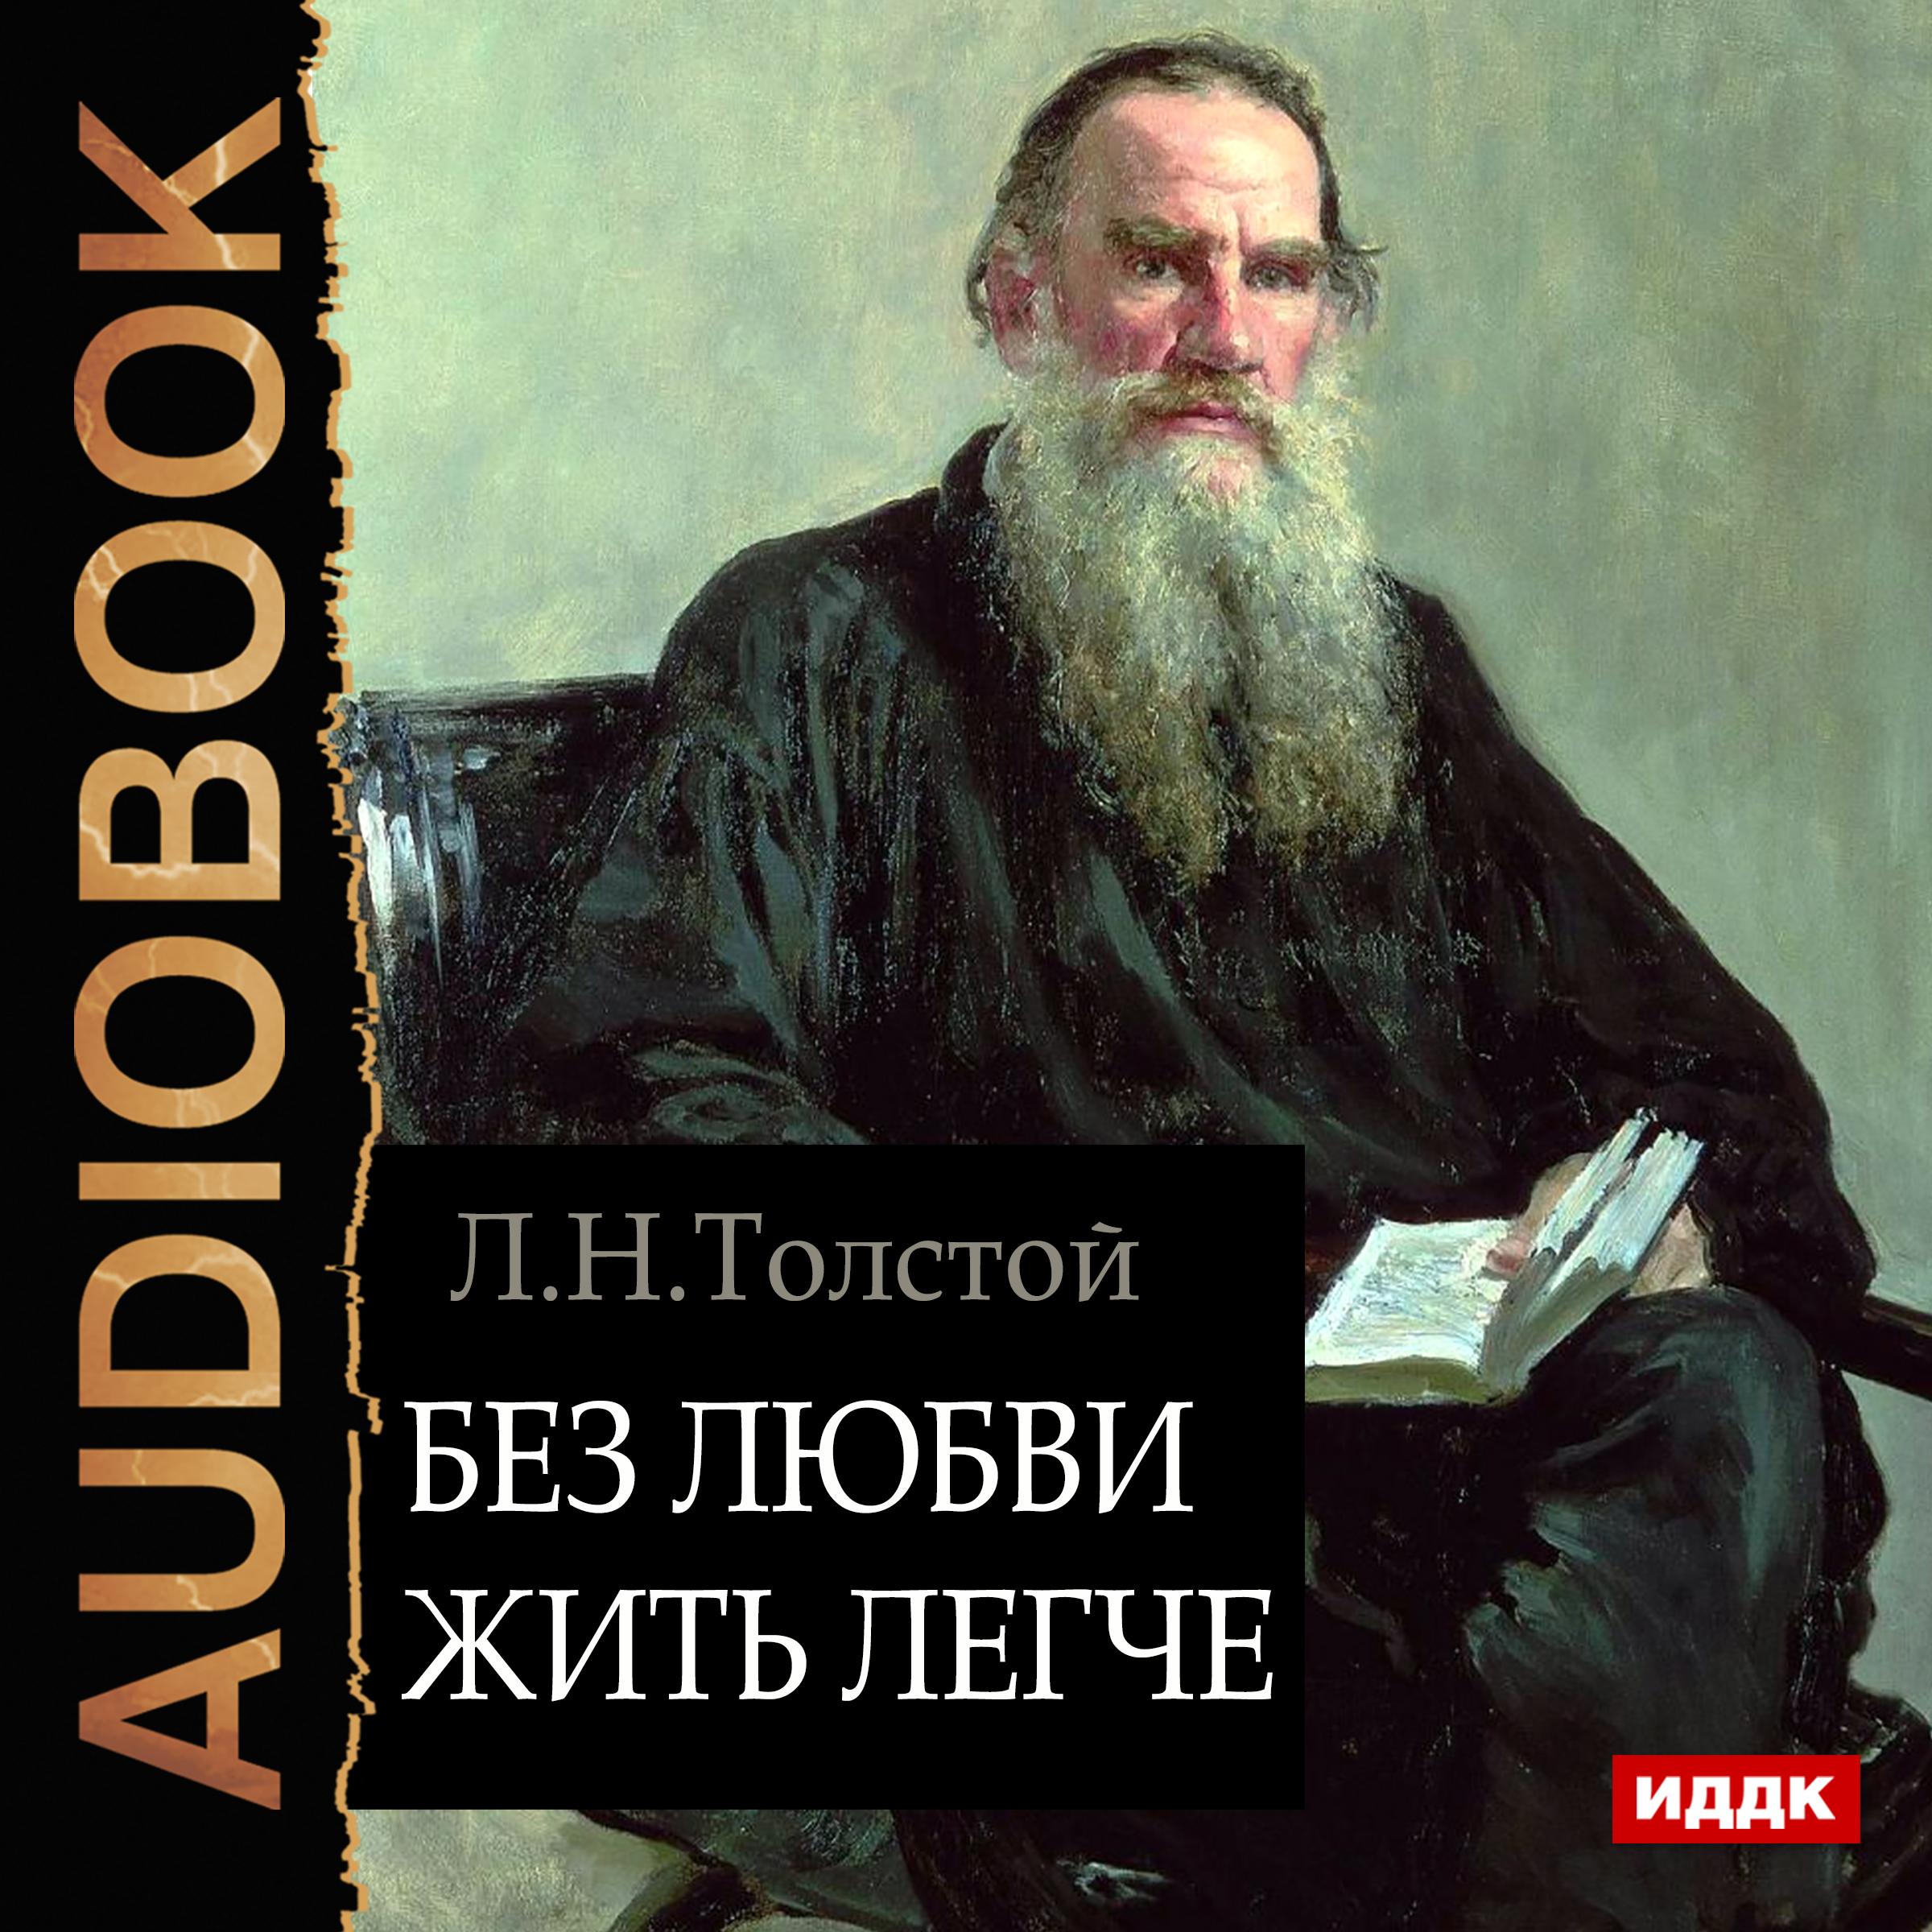 Лев Толстой Без любви жить легче